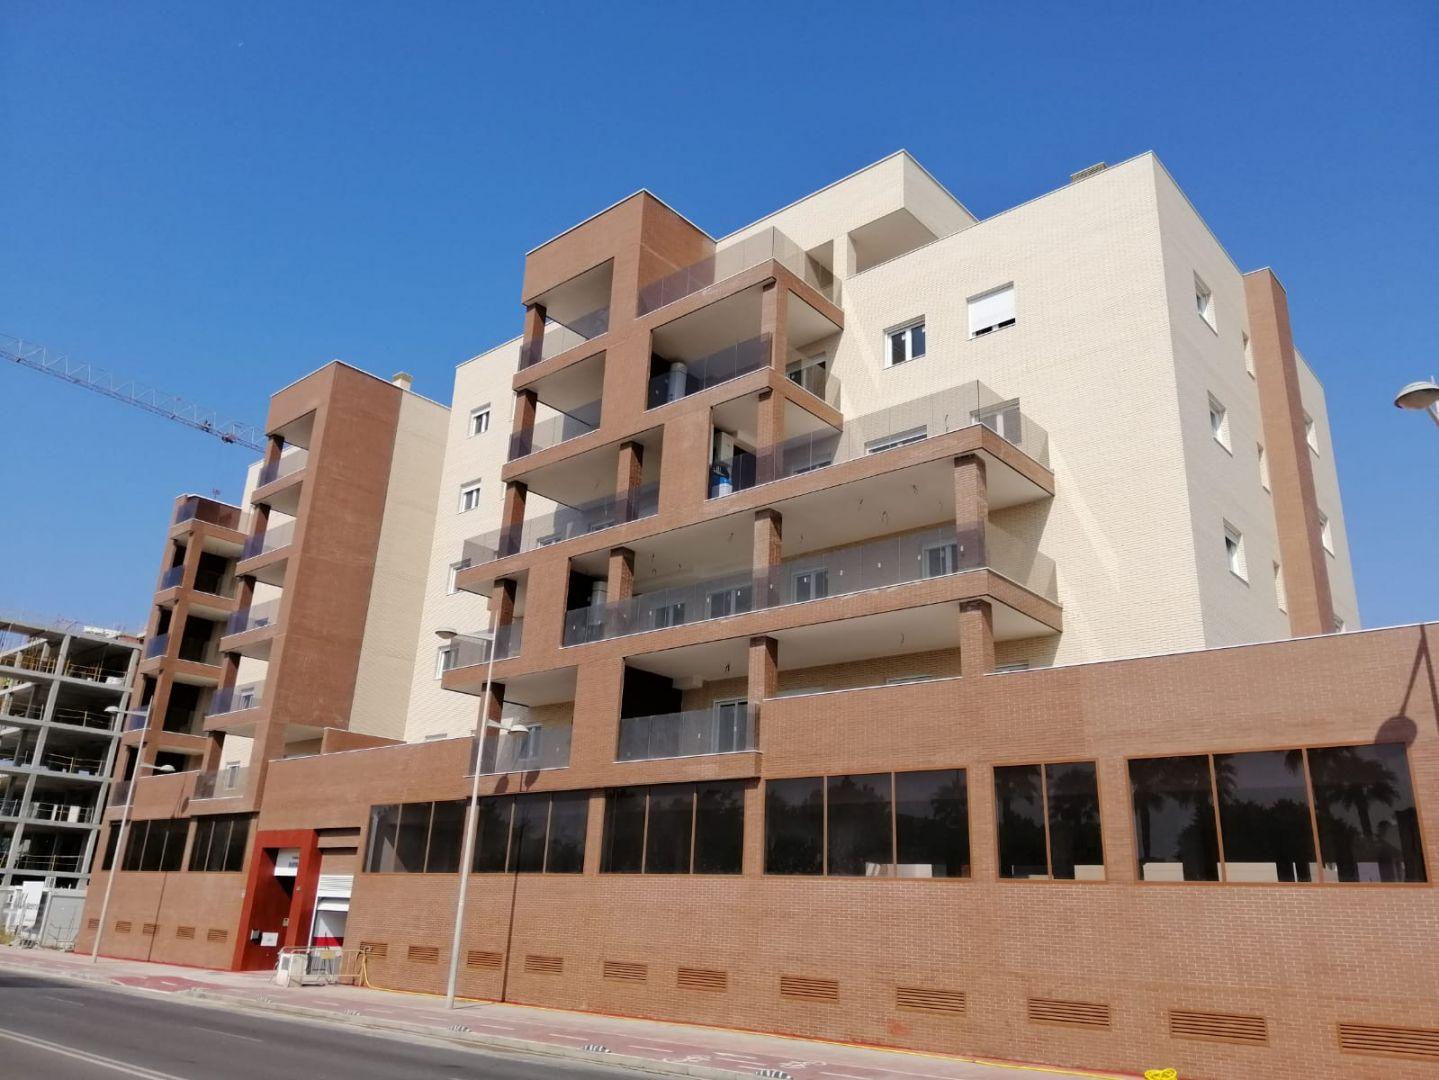 Residencial Marina de Amelto. 29 viviendas garajes y trasteros en la Vega de Acá de Almería